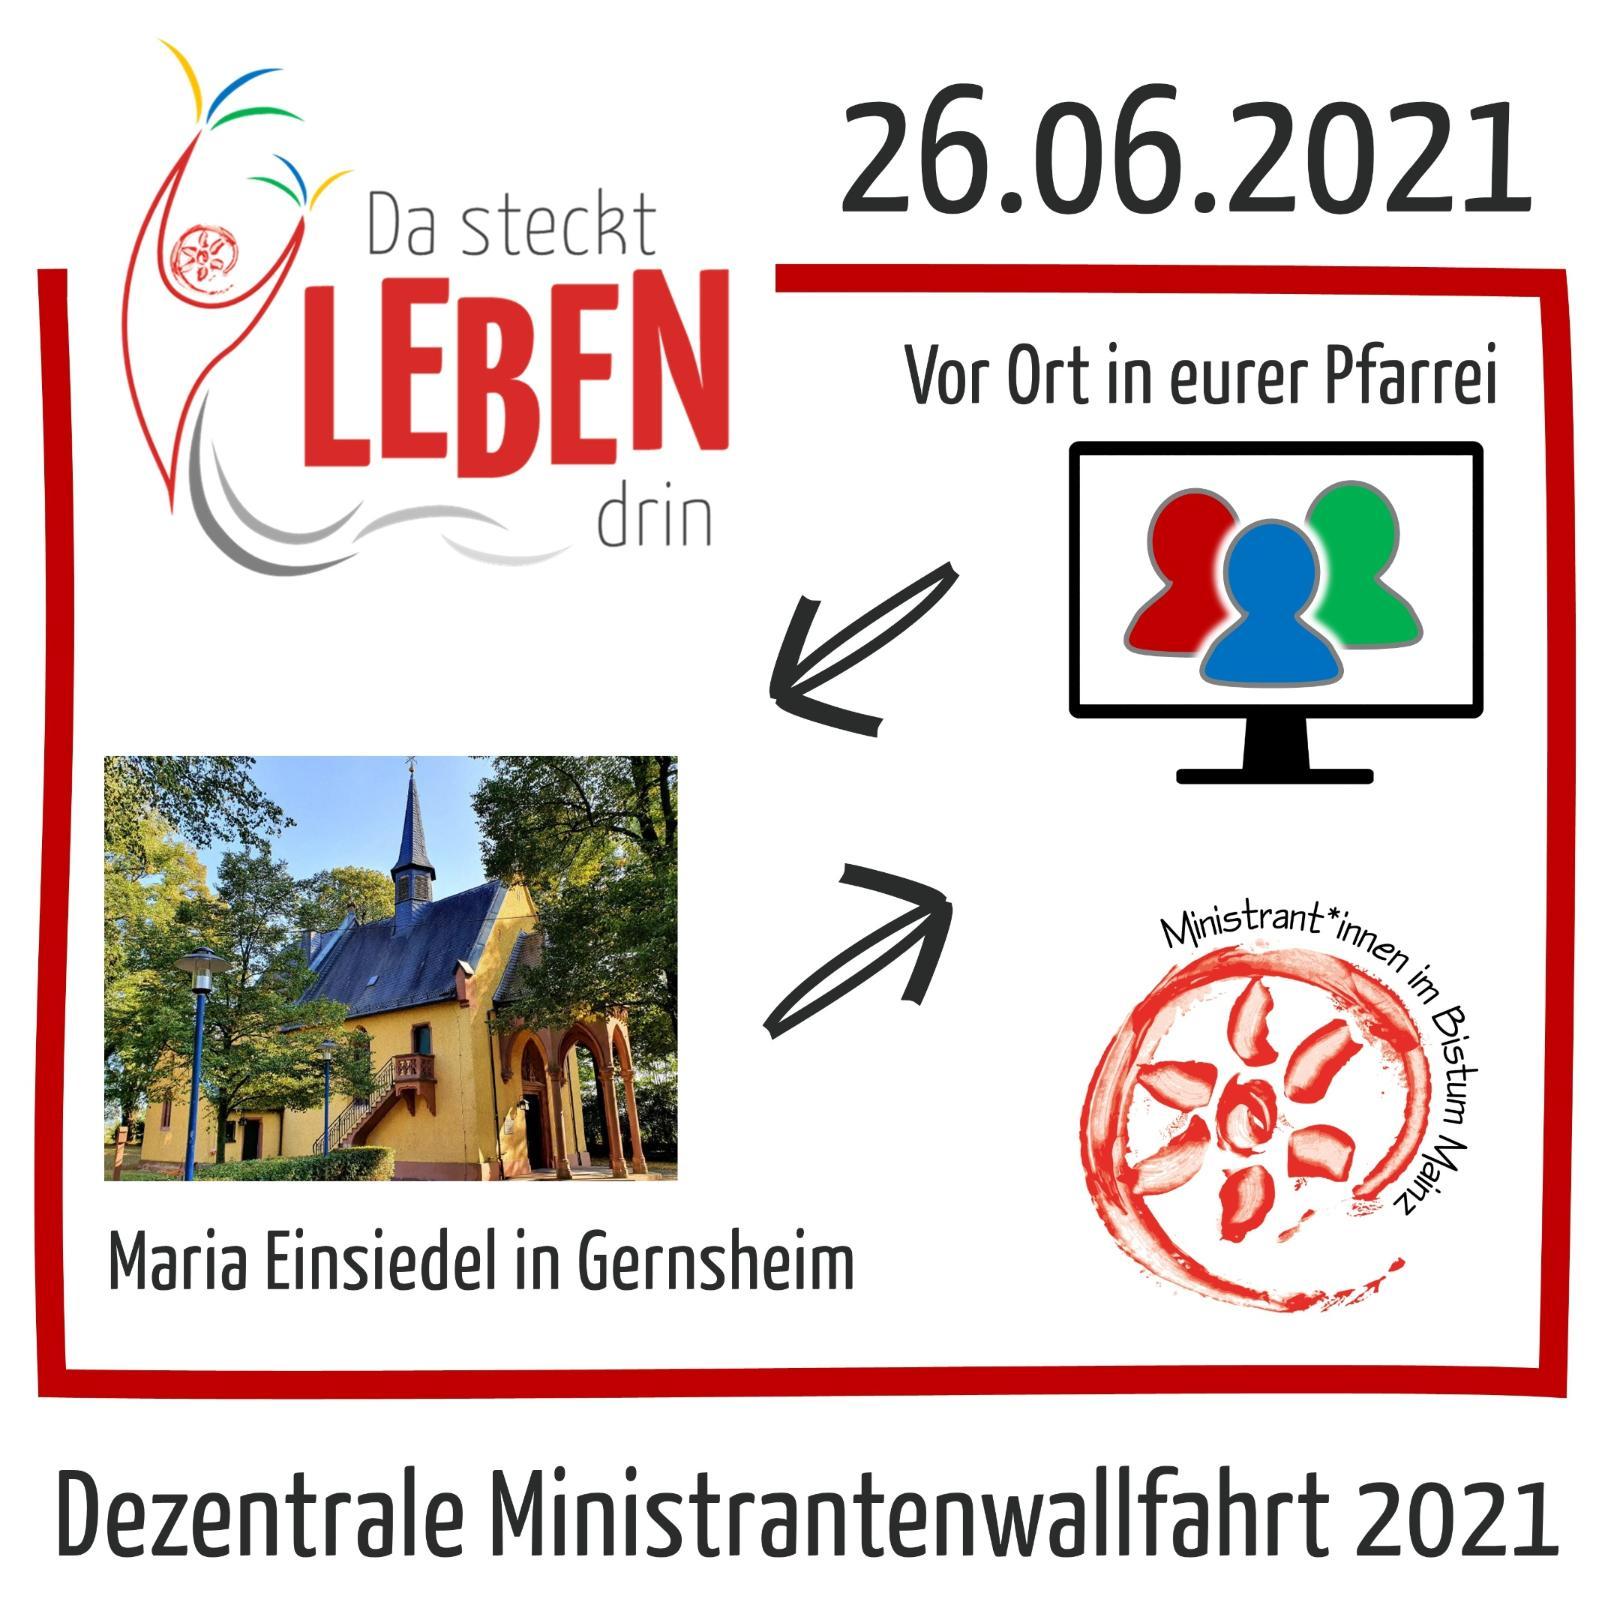 dezentrale Miniwallfahrt (c) Referat Ministrant*innen, Bistum Mainz